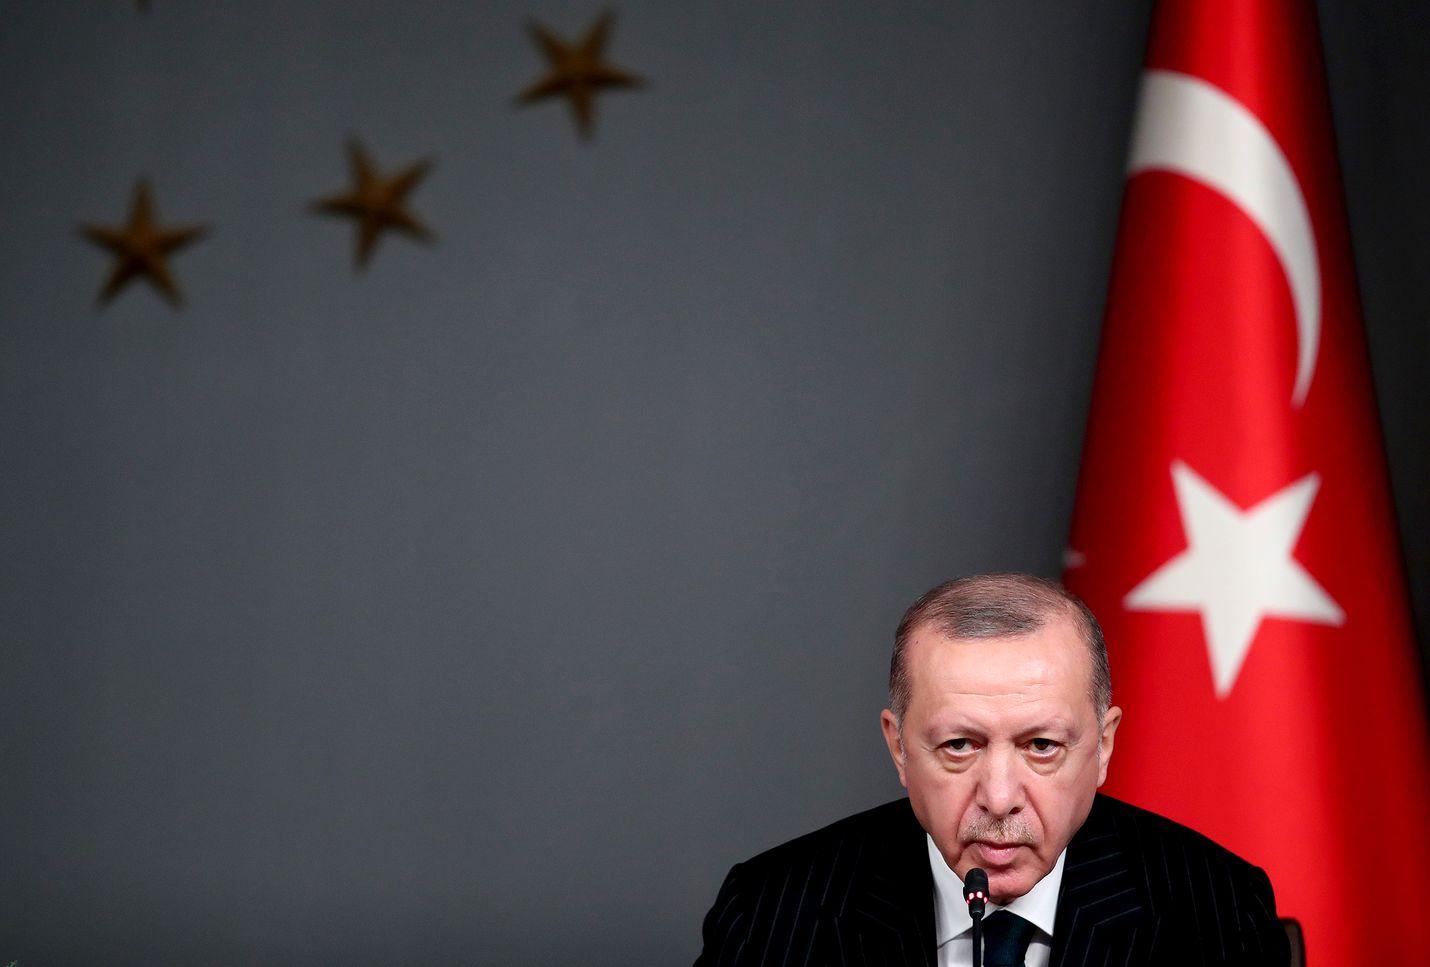 Turkin presidentti Recep Tayyip Erdogan on hyökännyt viime päivinä näkyvästi Ranskaa vastaan.